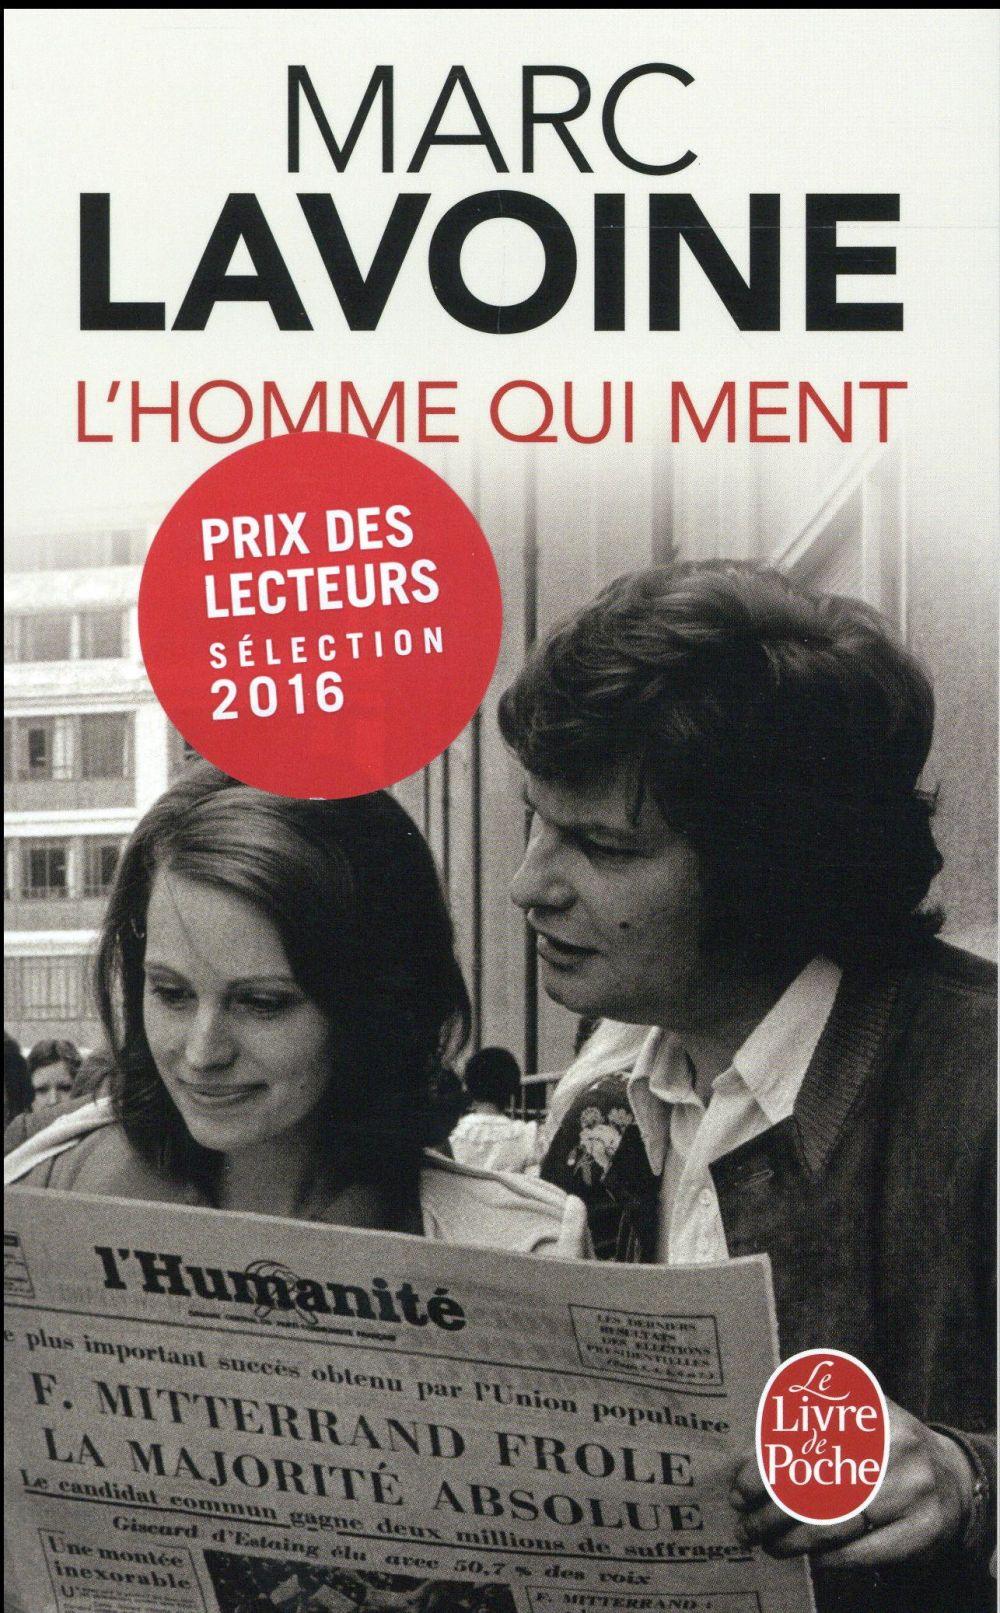 Lavoine Marc - L'HOMME QUI MENT